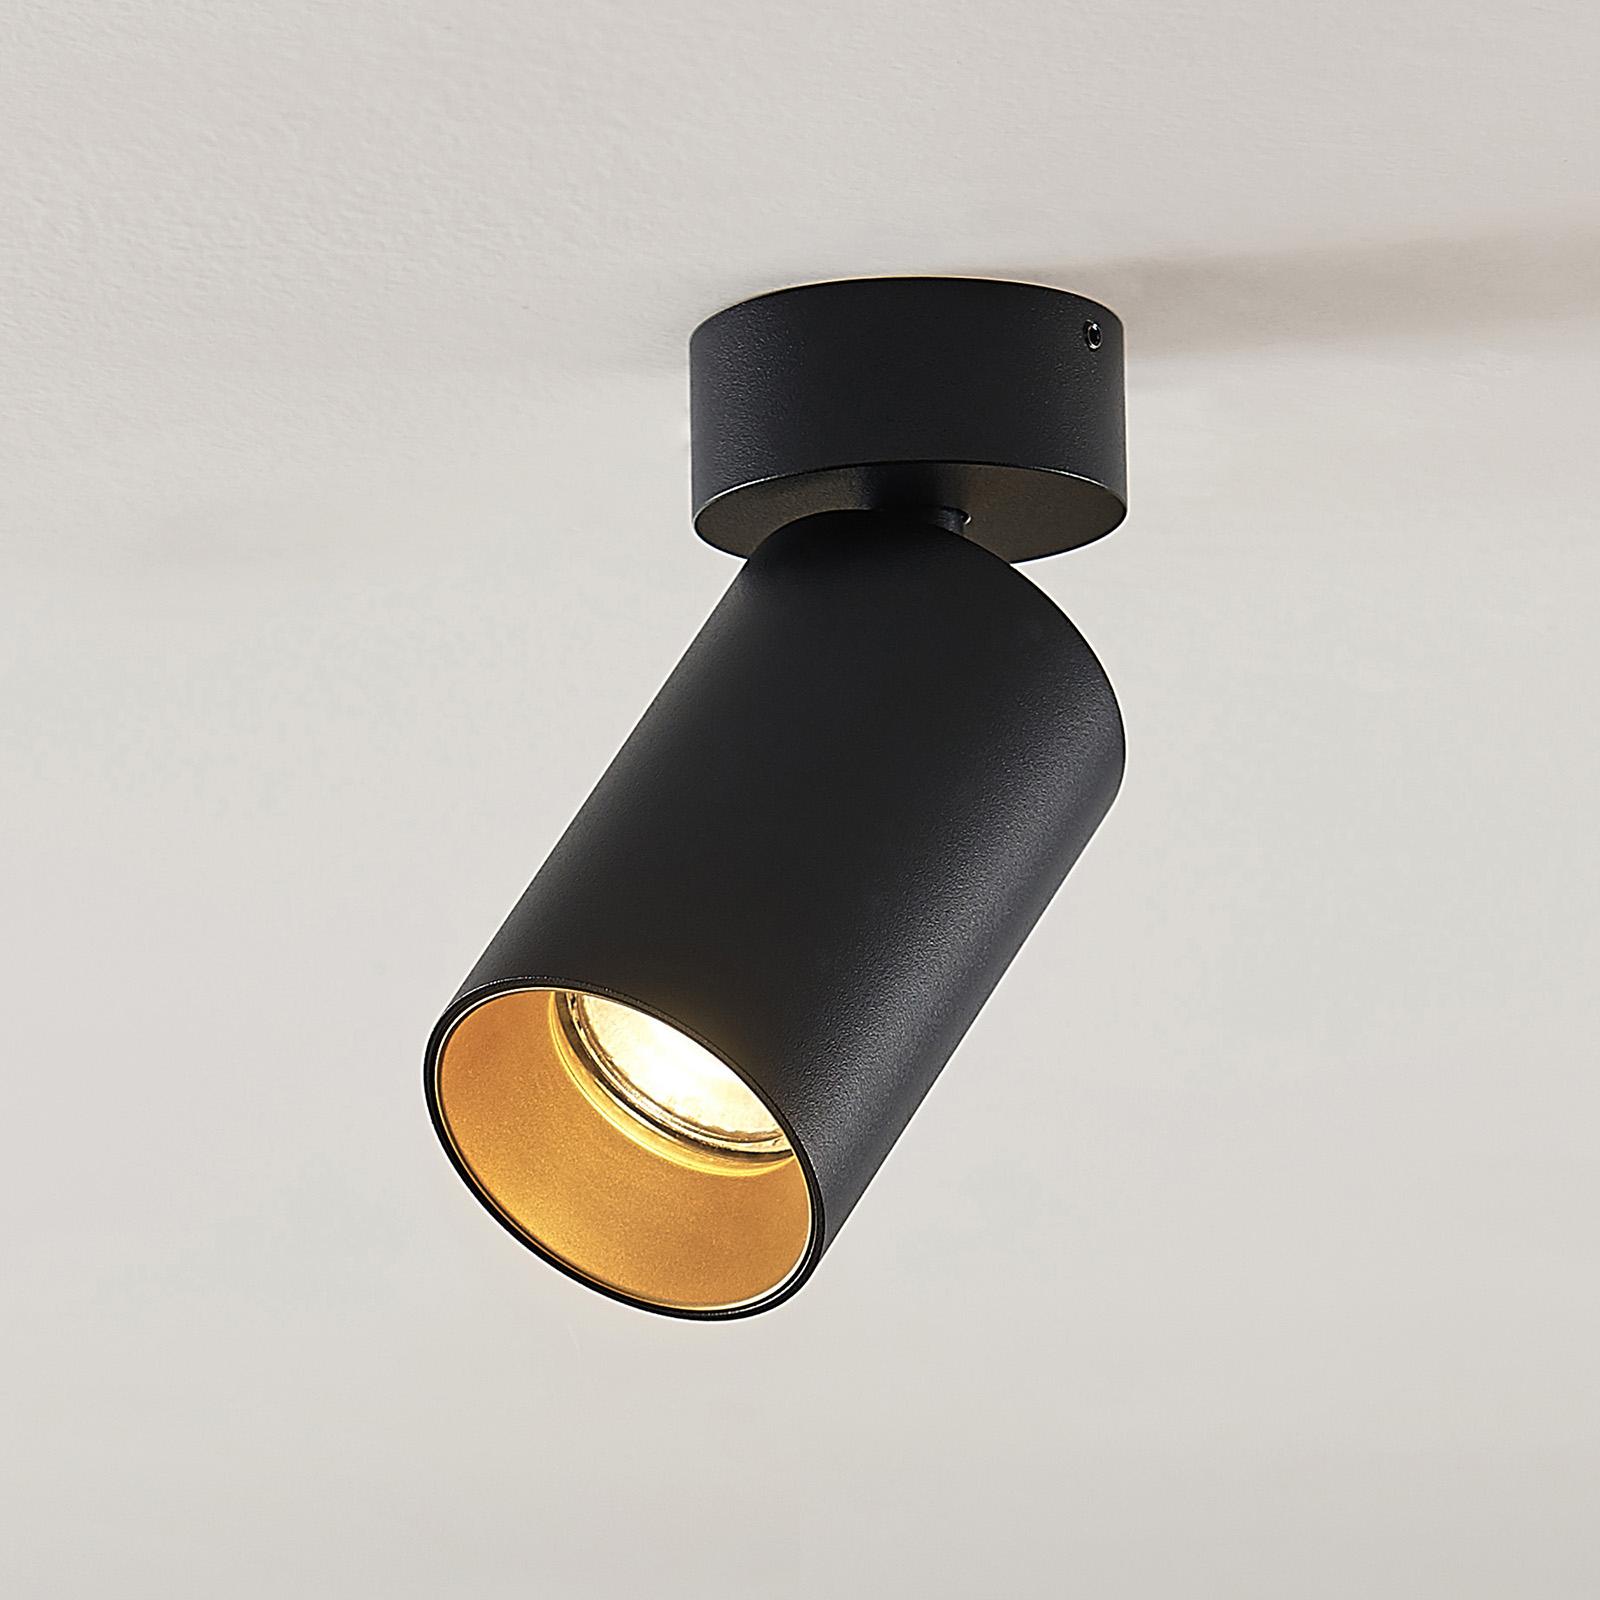 Bodové osvětlení Brinja, černé, 1zdrojové, kulaté